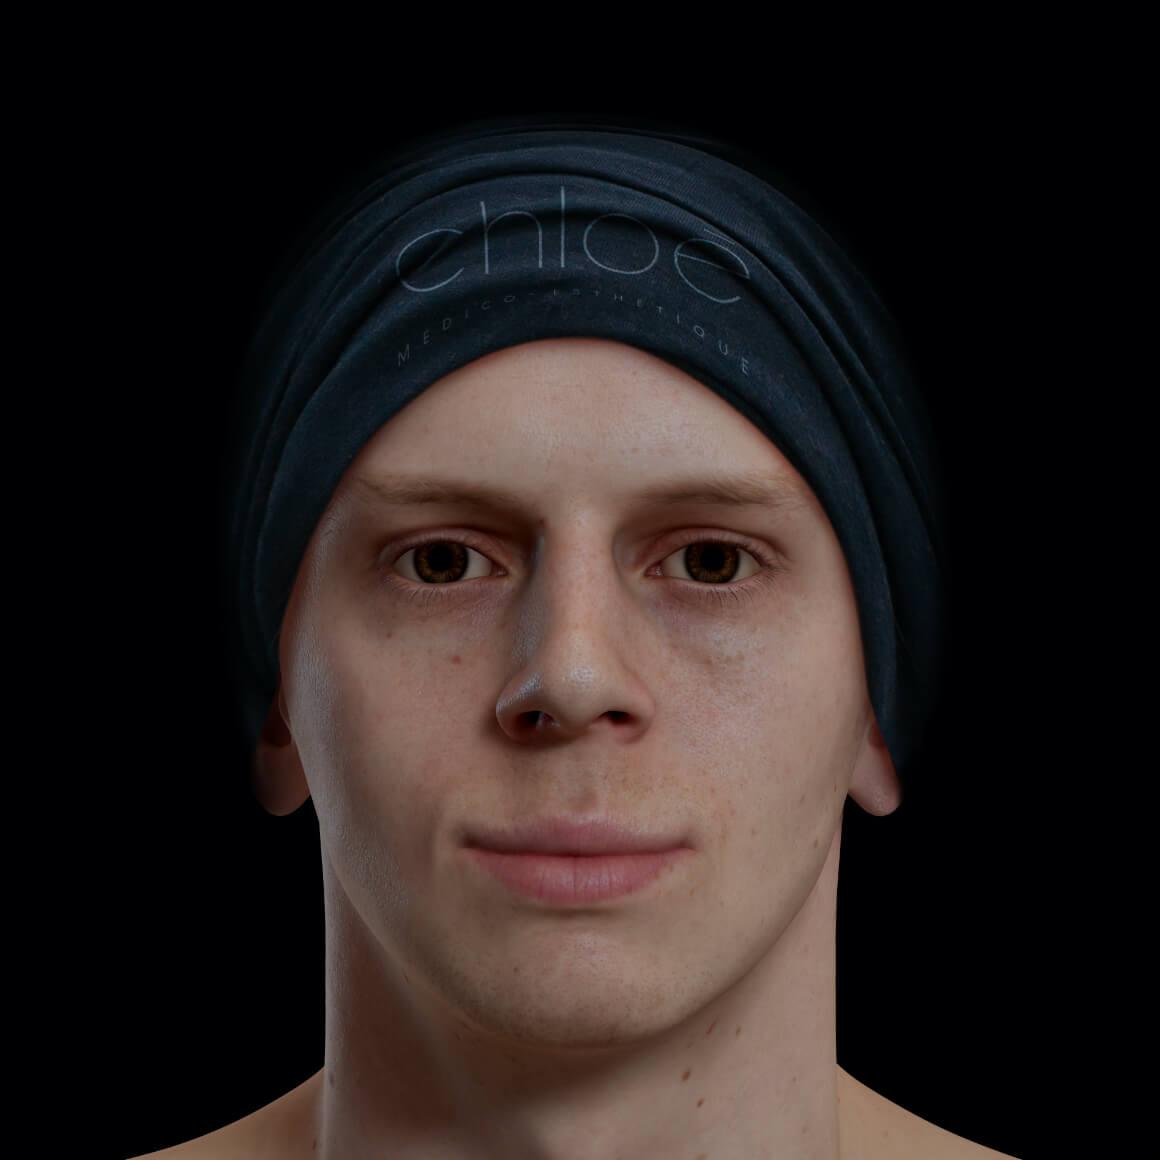 Patient de la Clinique Chloé positionné de face après des injections de Radiesse pour la définition de la mâchoire